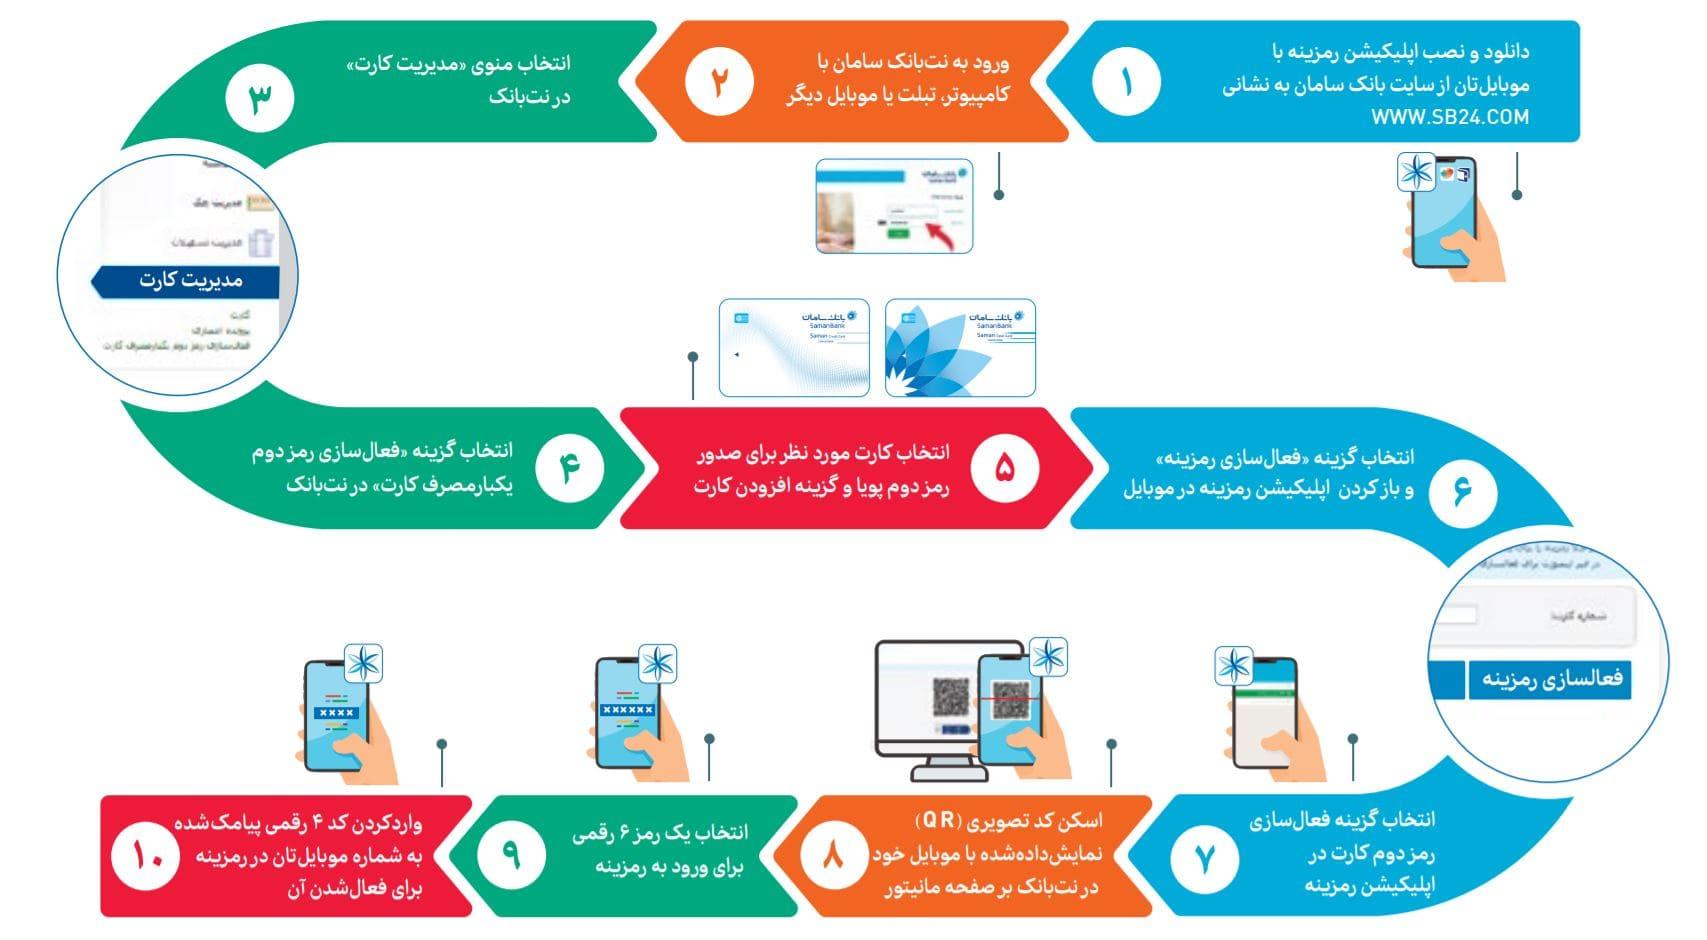 فعالسازی رمز یکبار مصرف بانک سامان